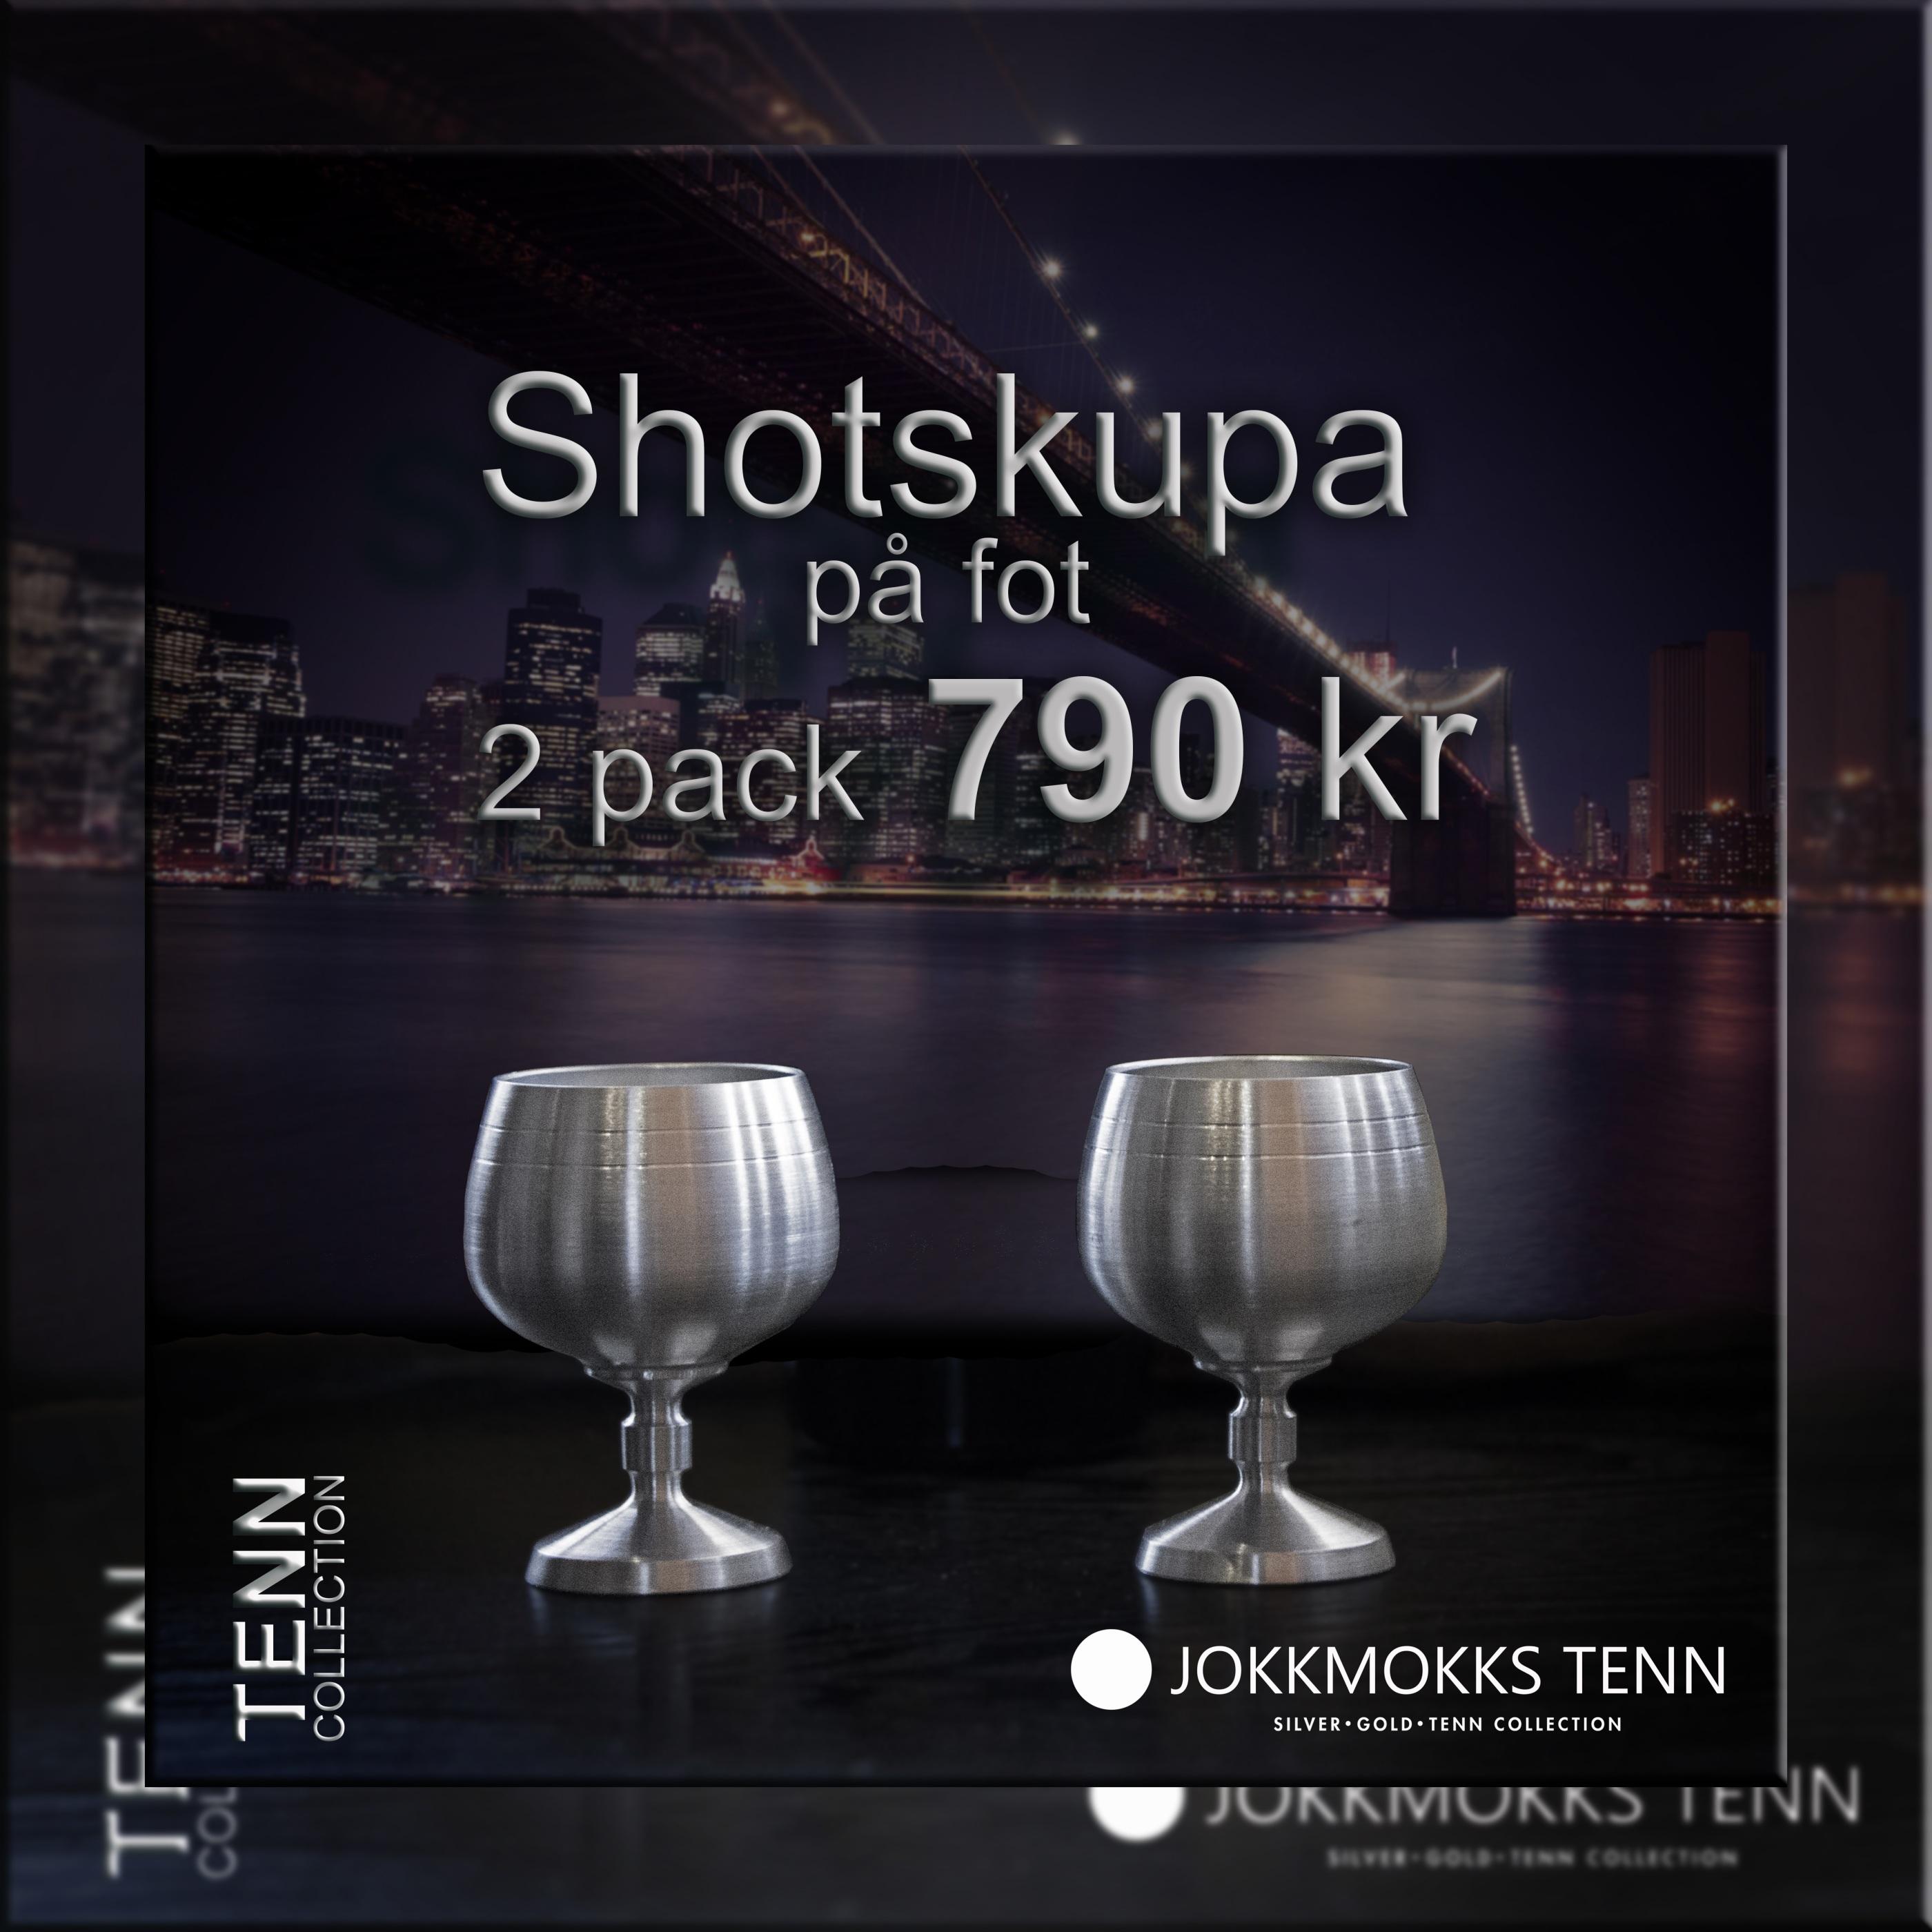 Shotkupa m pris